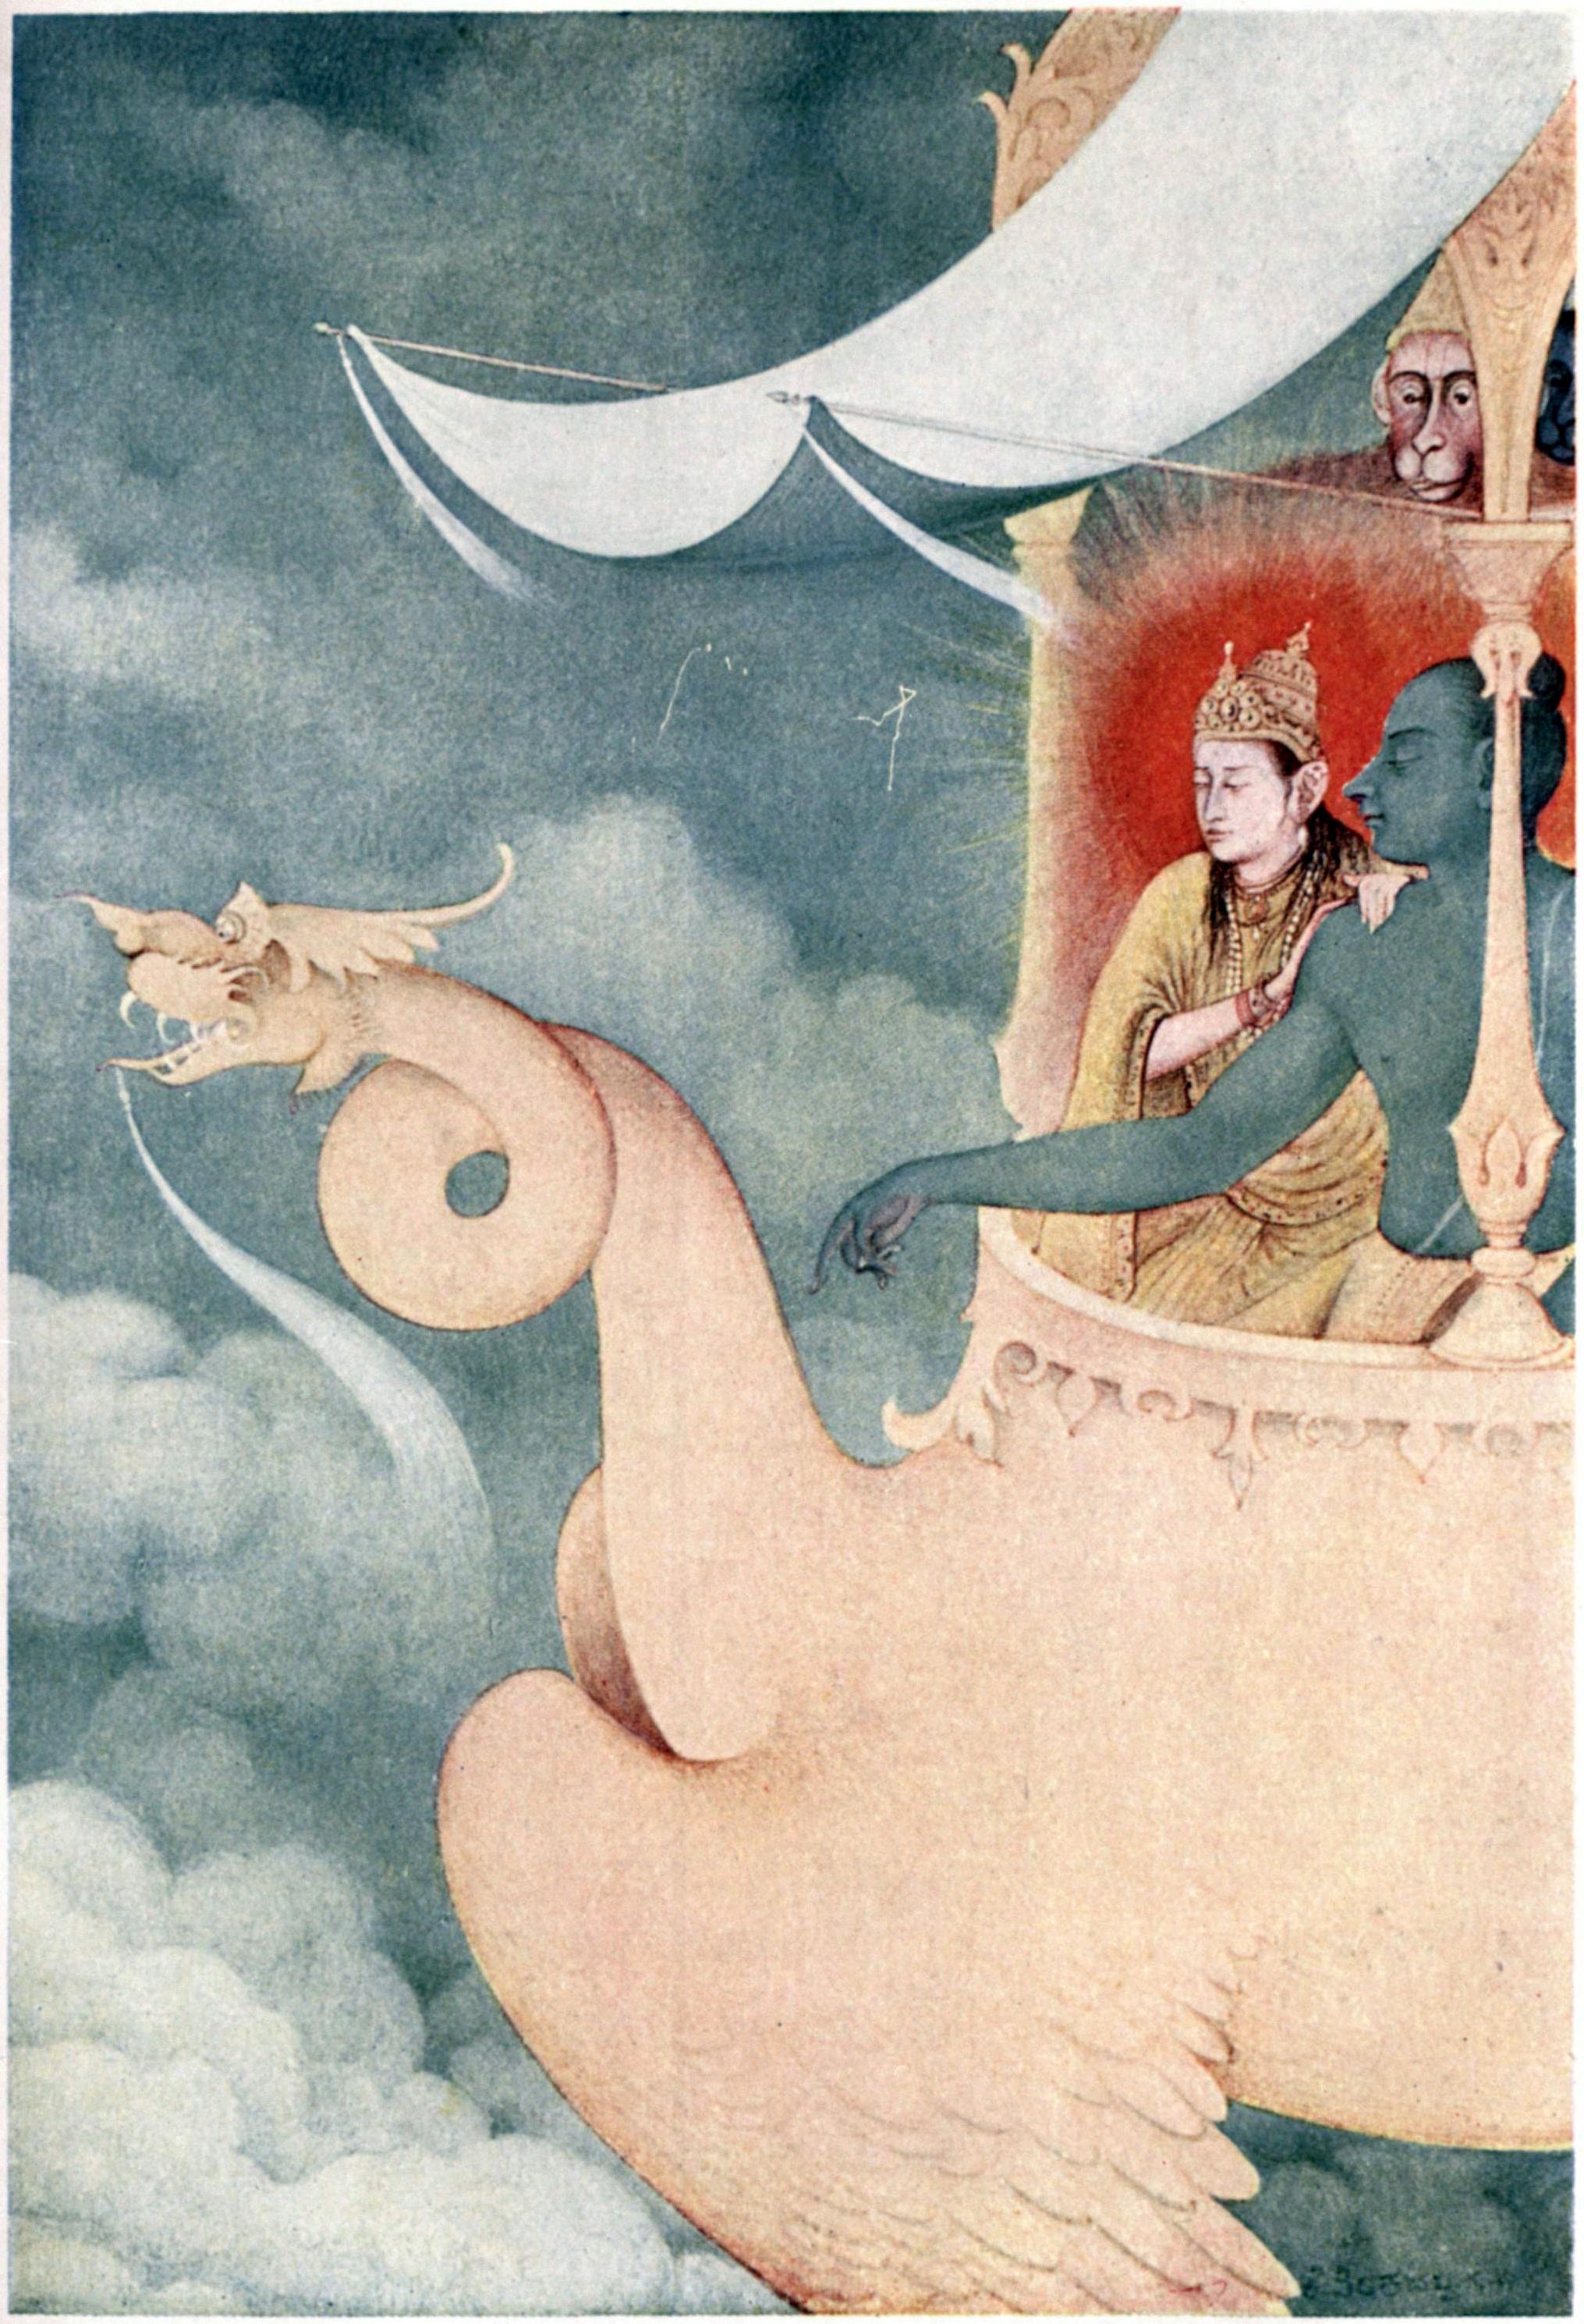 ishwar chandra vidyasagar books pdf